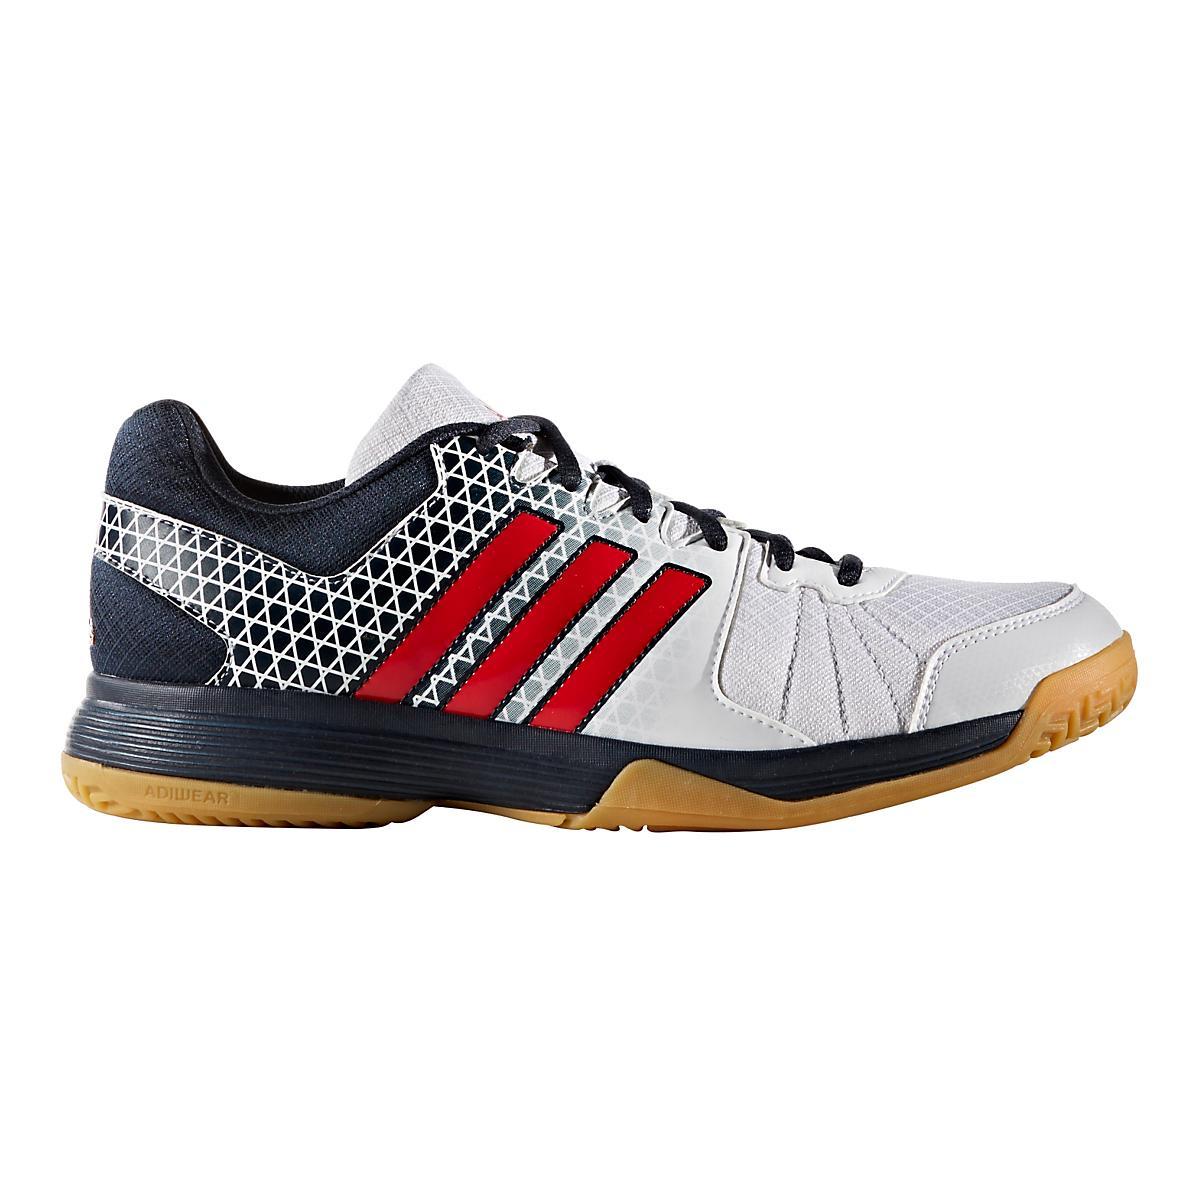 adidas ligra 4 court shoes mens